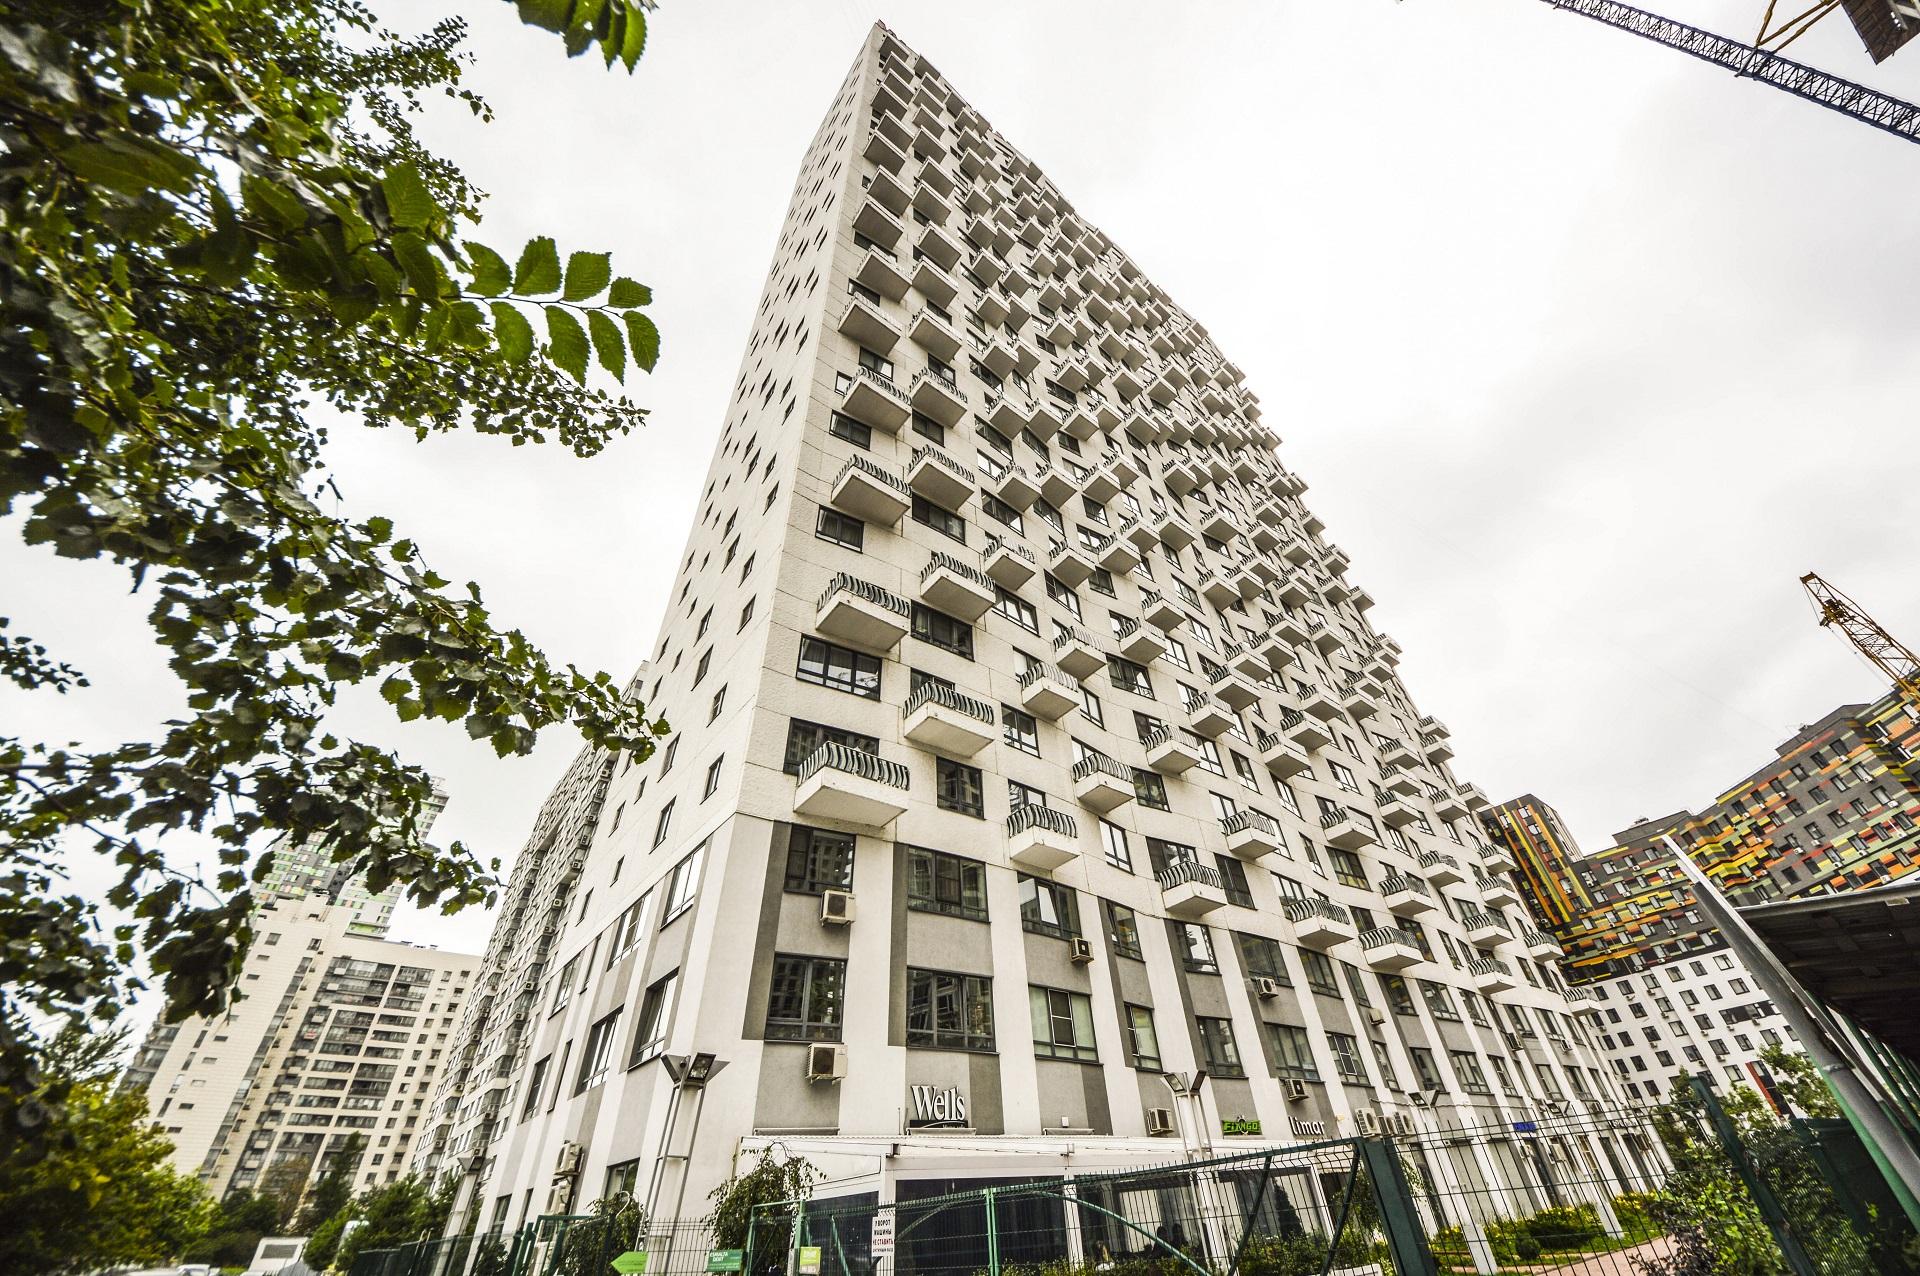 Апартаменты для покупки или аренды: плюсы и минусы